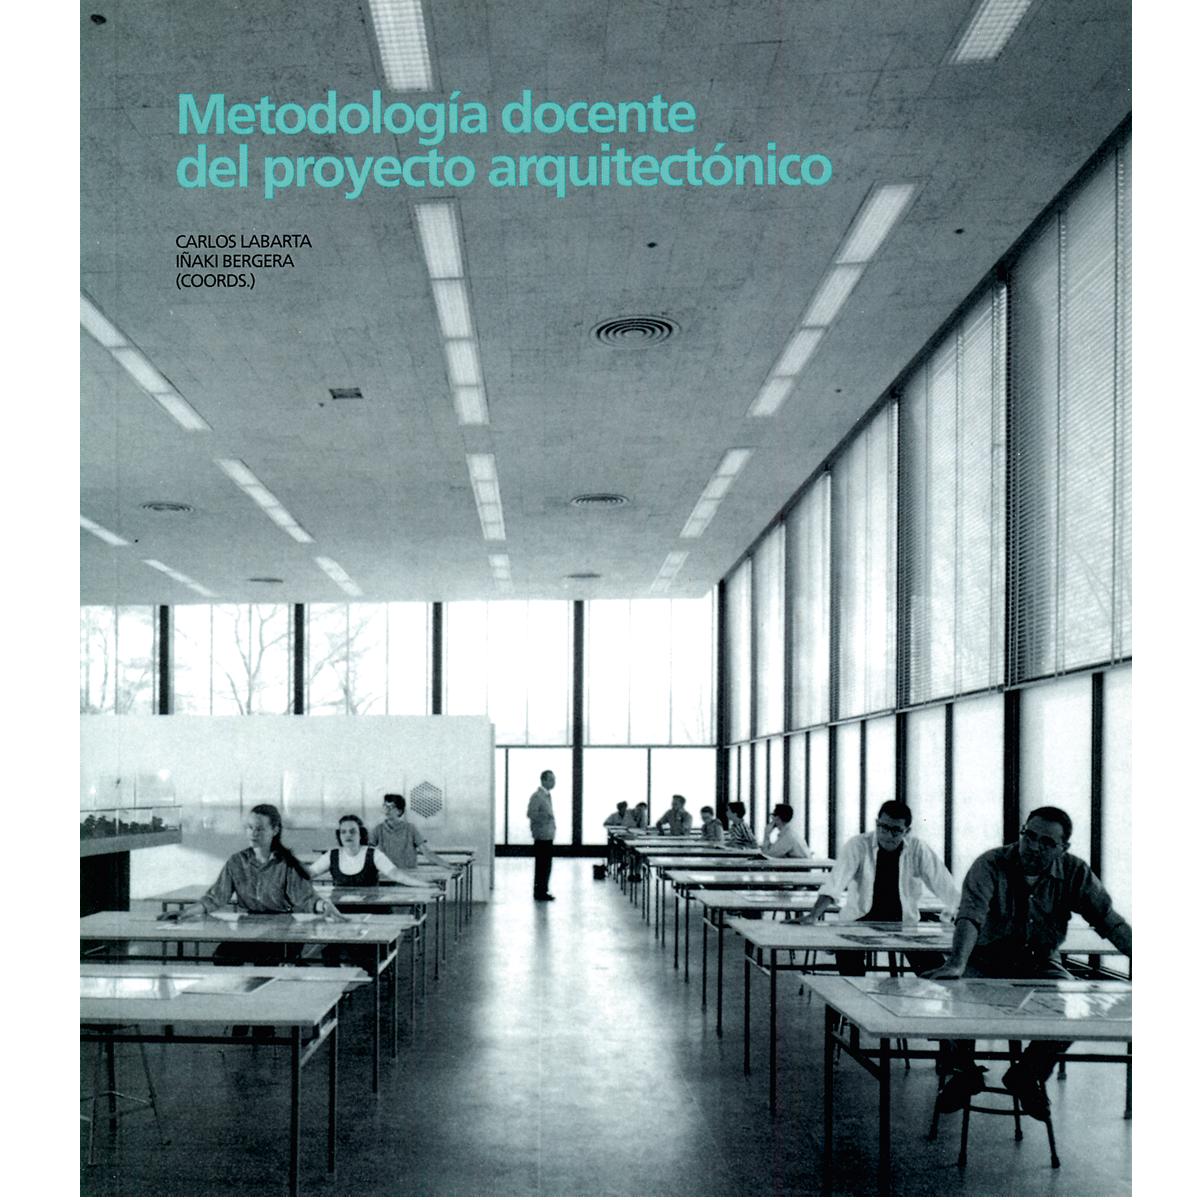 Metodología docente del proyecto arquitectónico